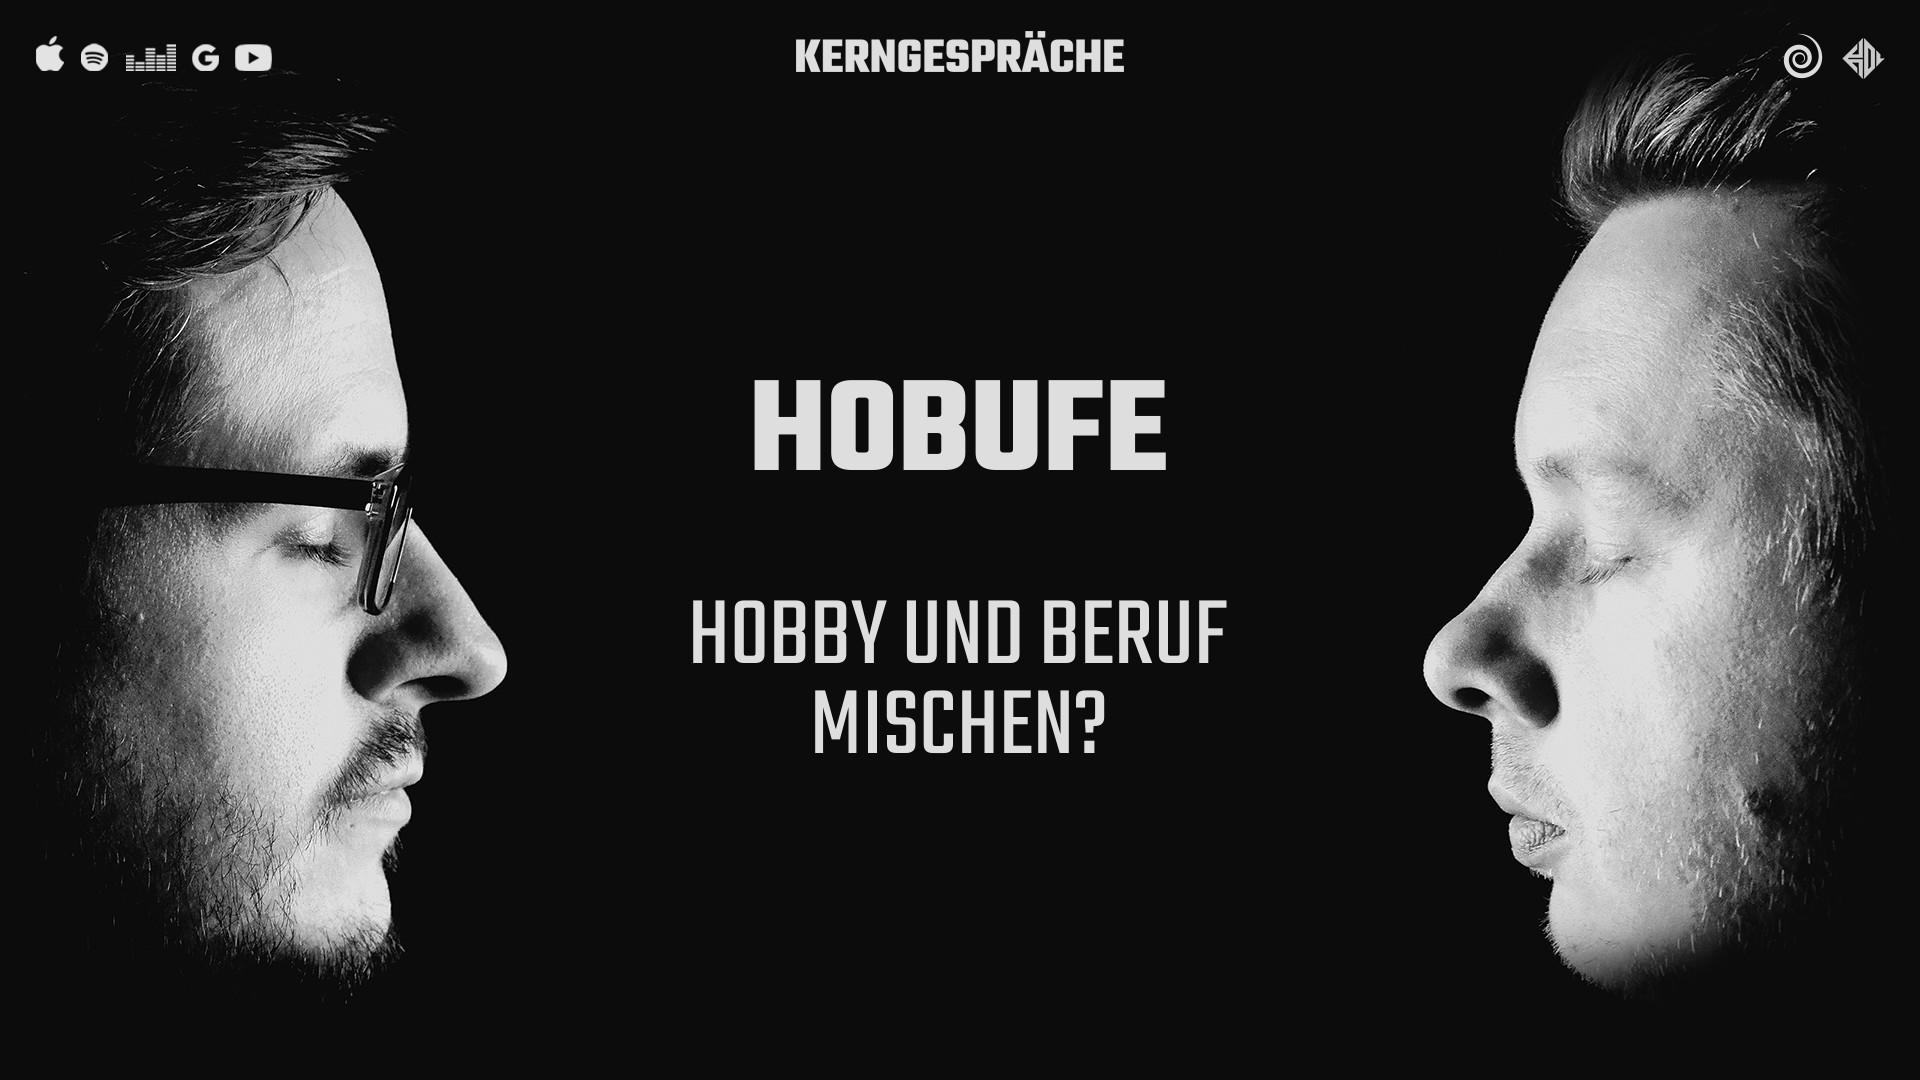 Hobufe: Hobby und Beruf mischen?